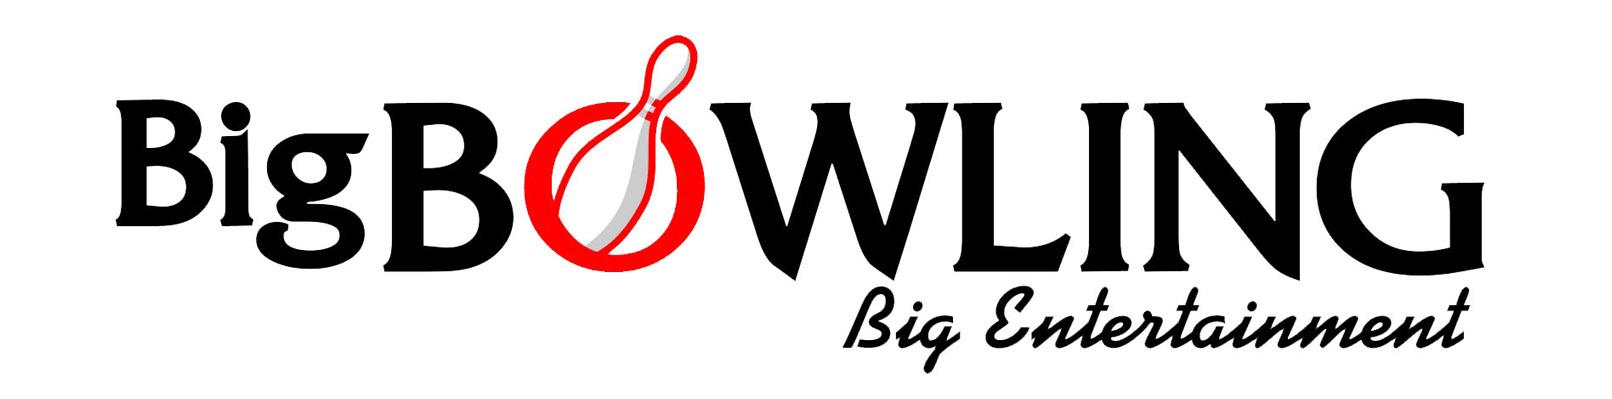 Боулинг үйлчилгээний төв | Bowling | Bouling | Боулингийн газар | Боулинг тоглоом | Big Bowling